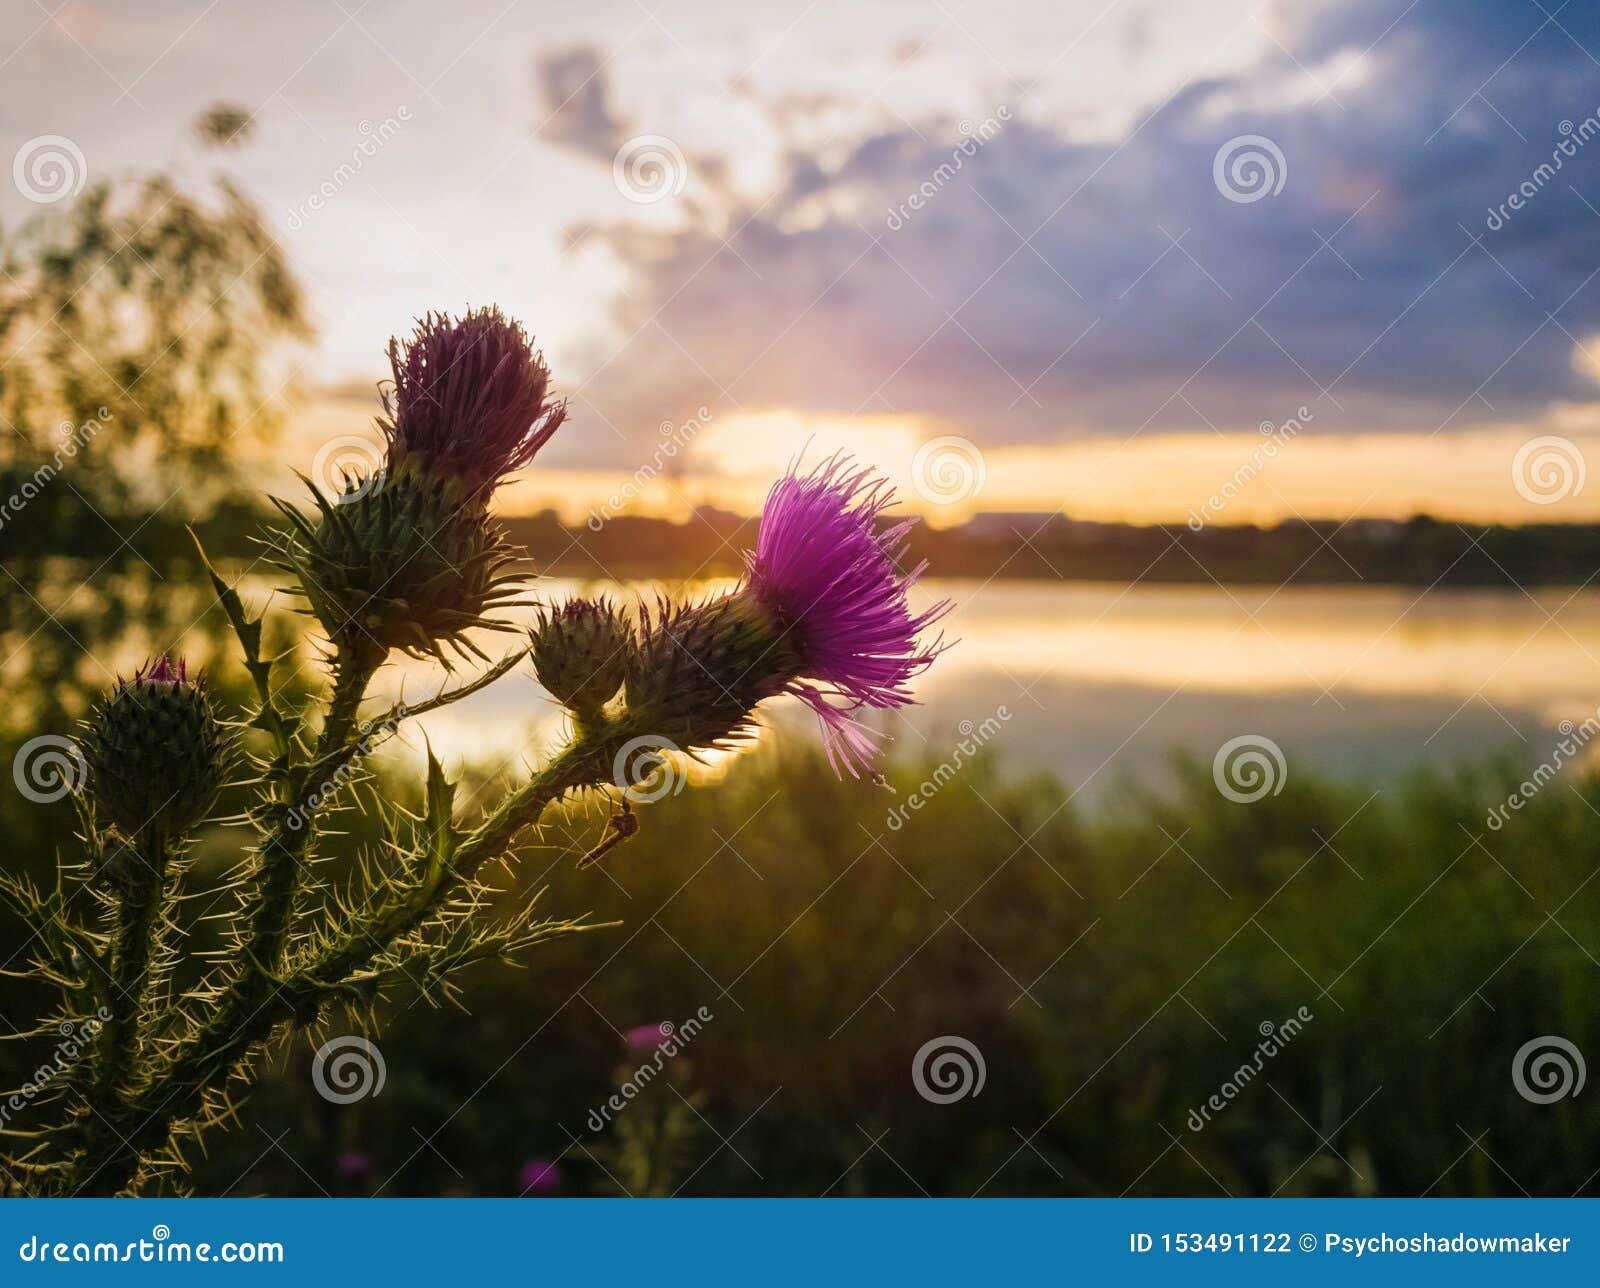 Purpurfärgad blomma för spjuttistel över solnedgånghimmelbakgrund Cirsiumvulgare, växten med ryggen och visare tippade bevingade